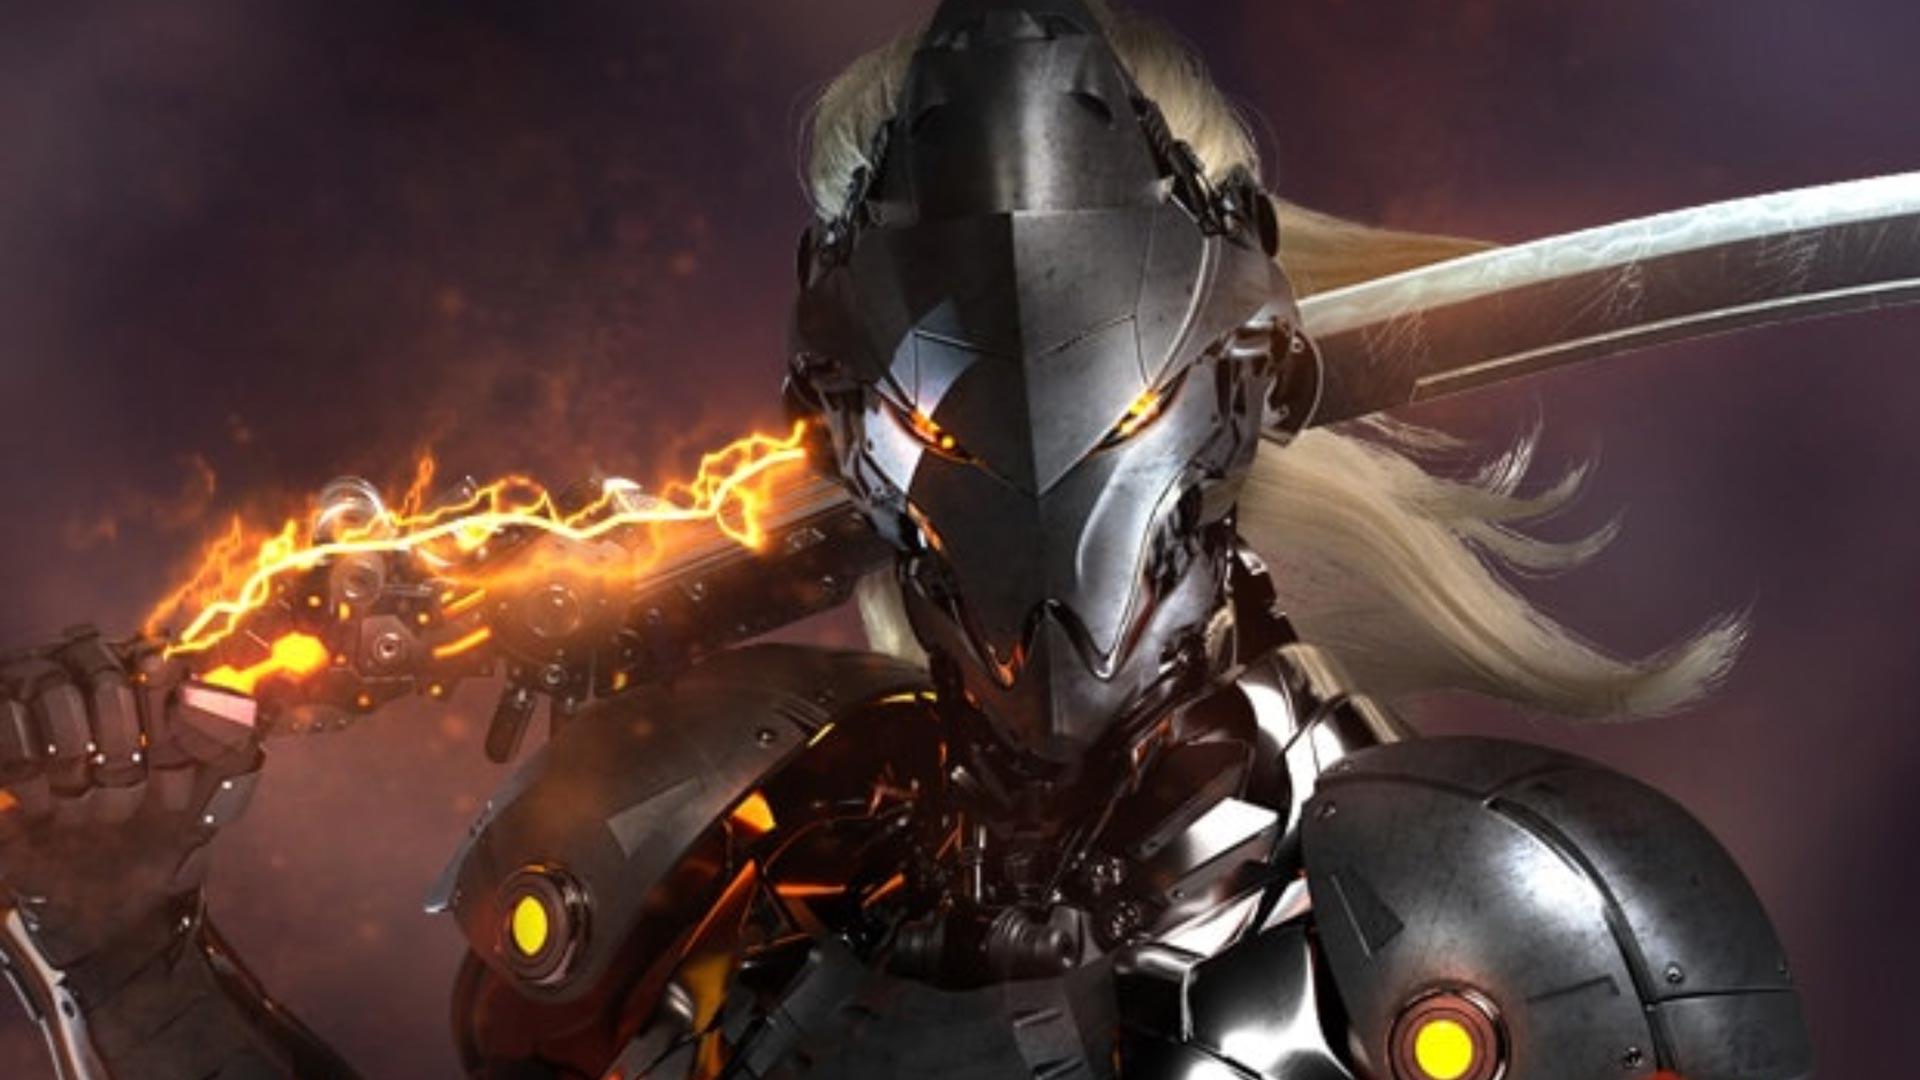 เปิดตัวทางการ Invictus : Lost Soul เกมต่อสู้แนวใหม่โดยฝีมือคนไทย